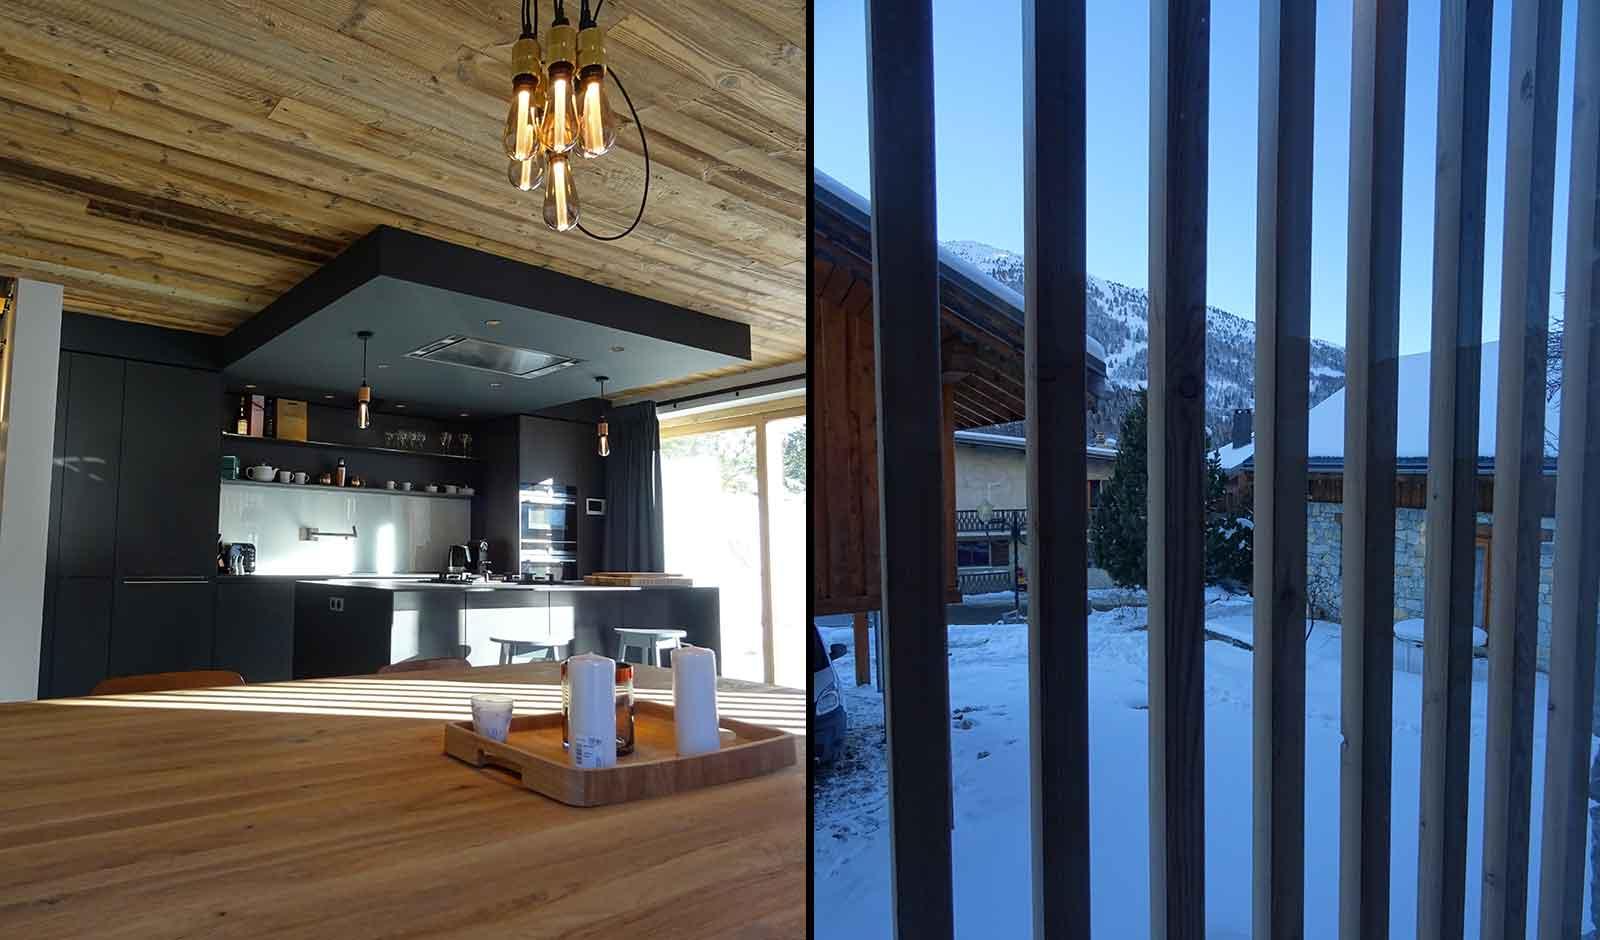 chalet-charlie-4-atelier-crea-and-co-architecte-design-project-manager-meribel-savoie